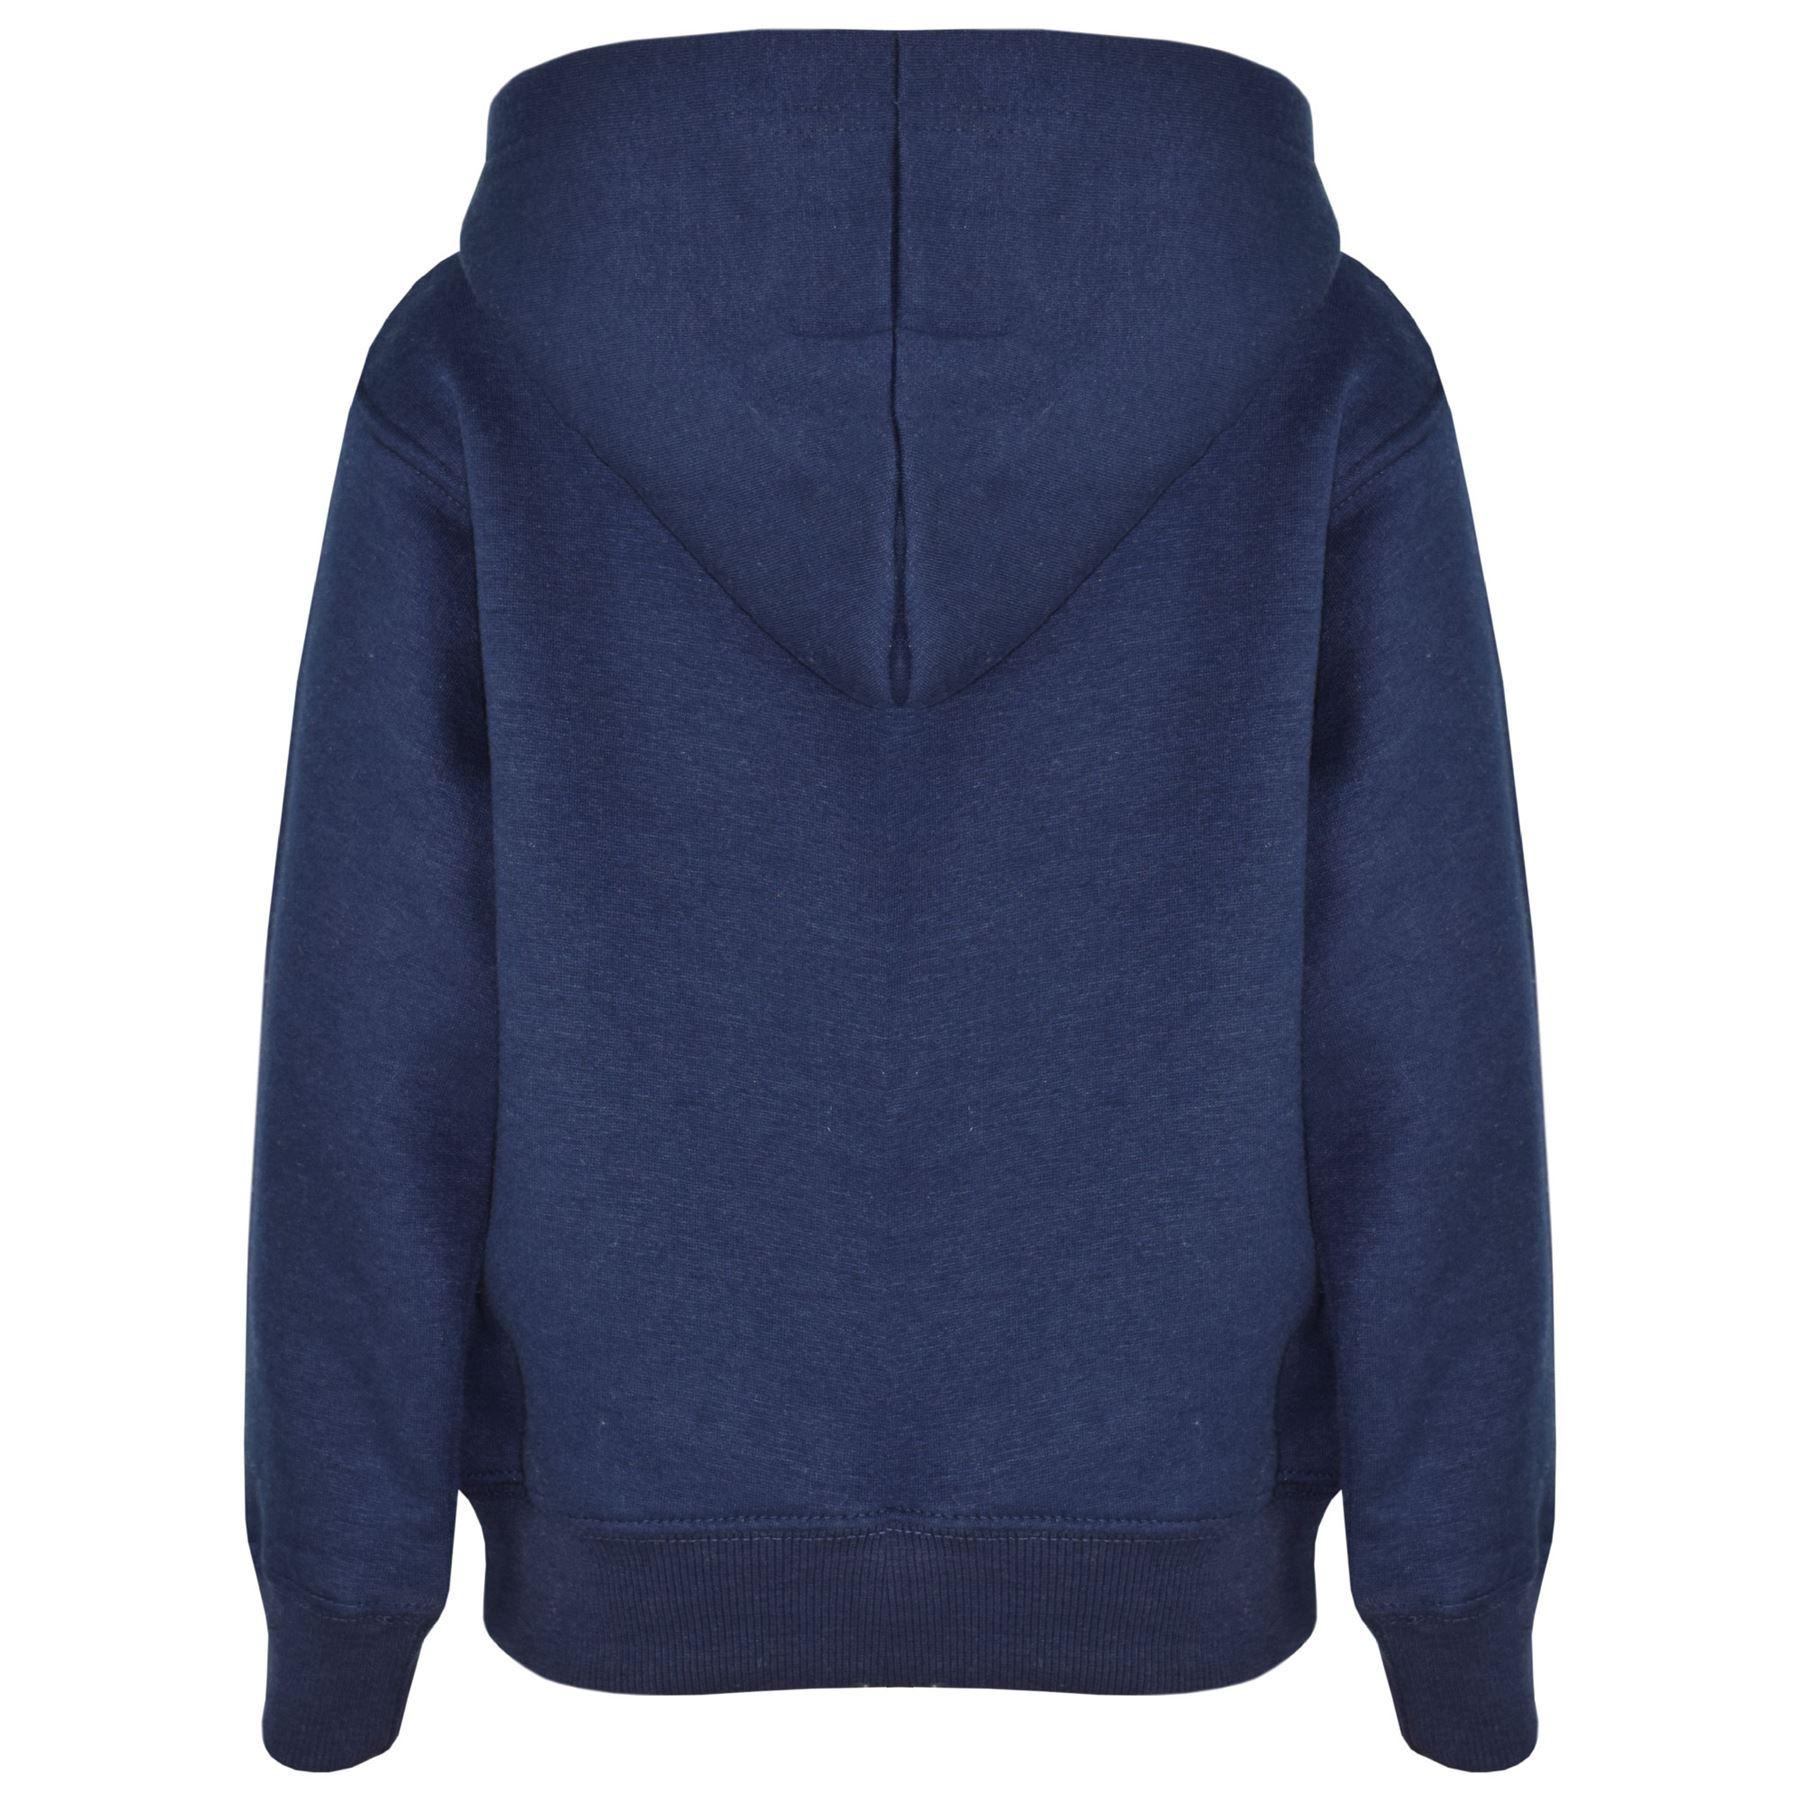 e705e85a354 Kids Girls Boys Sweatshirt Tops Plain Navy Hooded Jumpers Hoodies ...